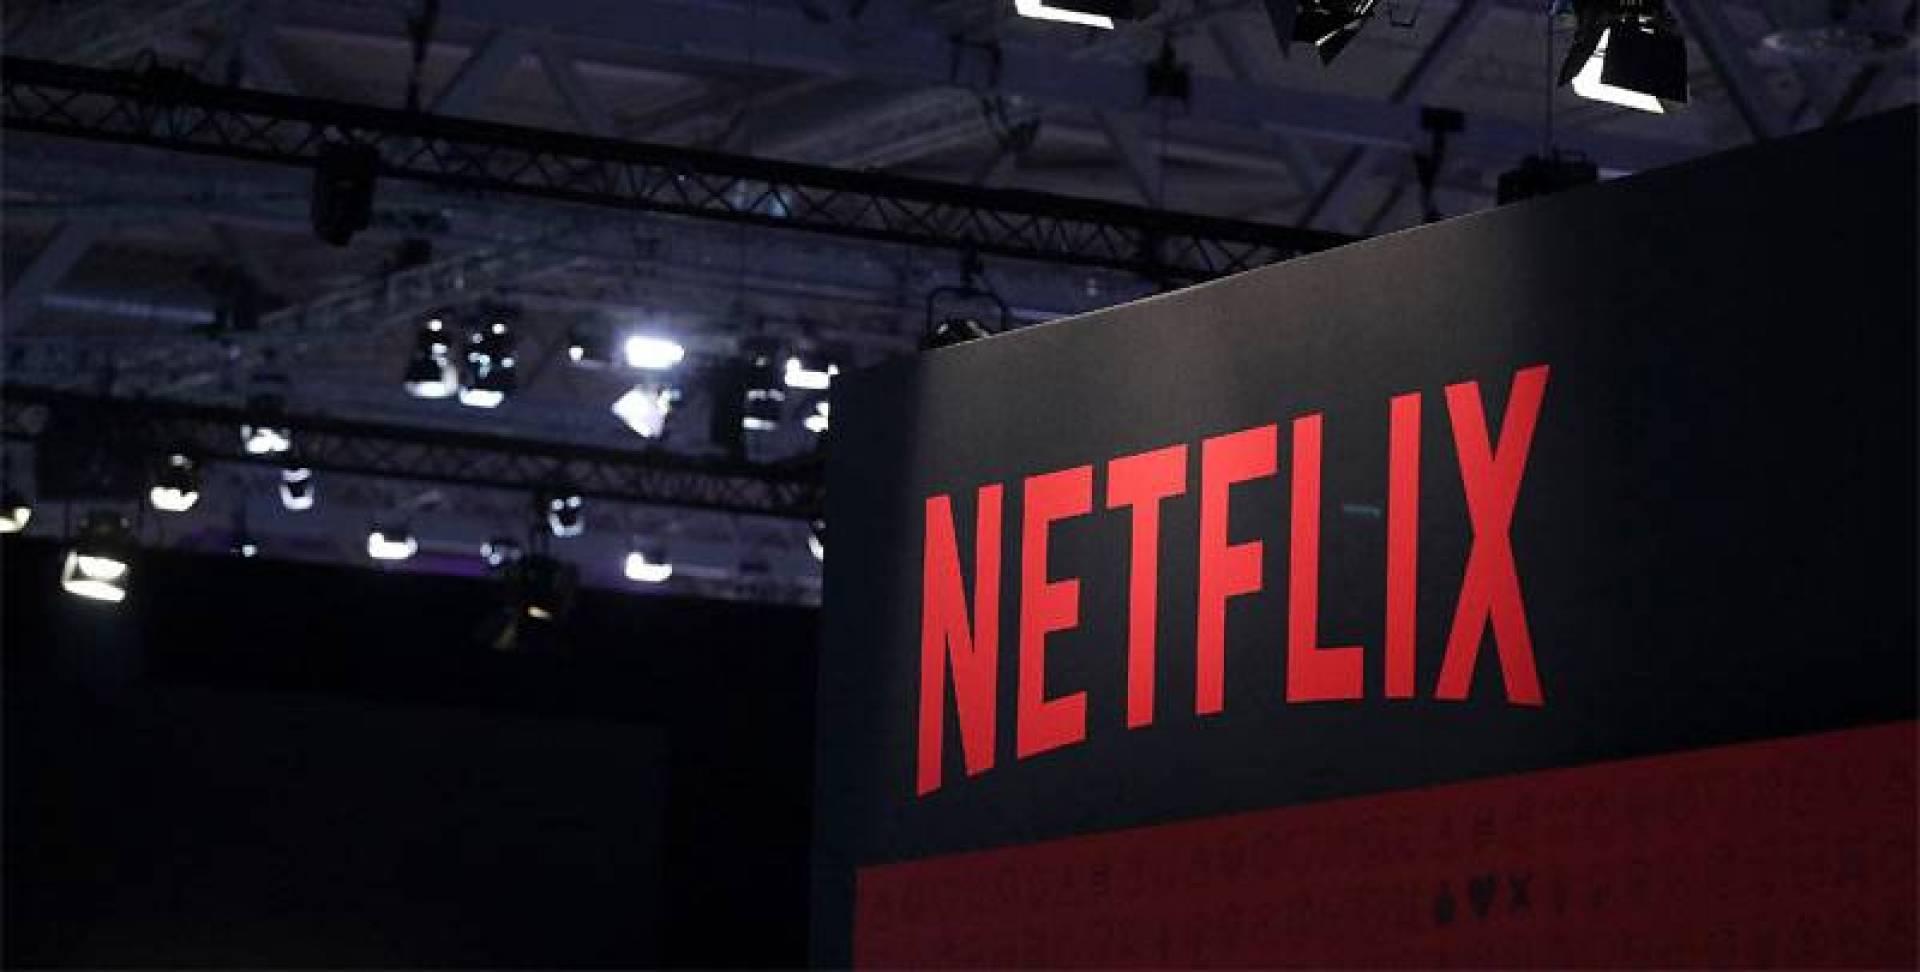 أفلام ومسلسلات تعرض على NETFLIX ابتداءً من الغد